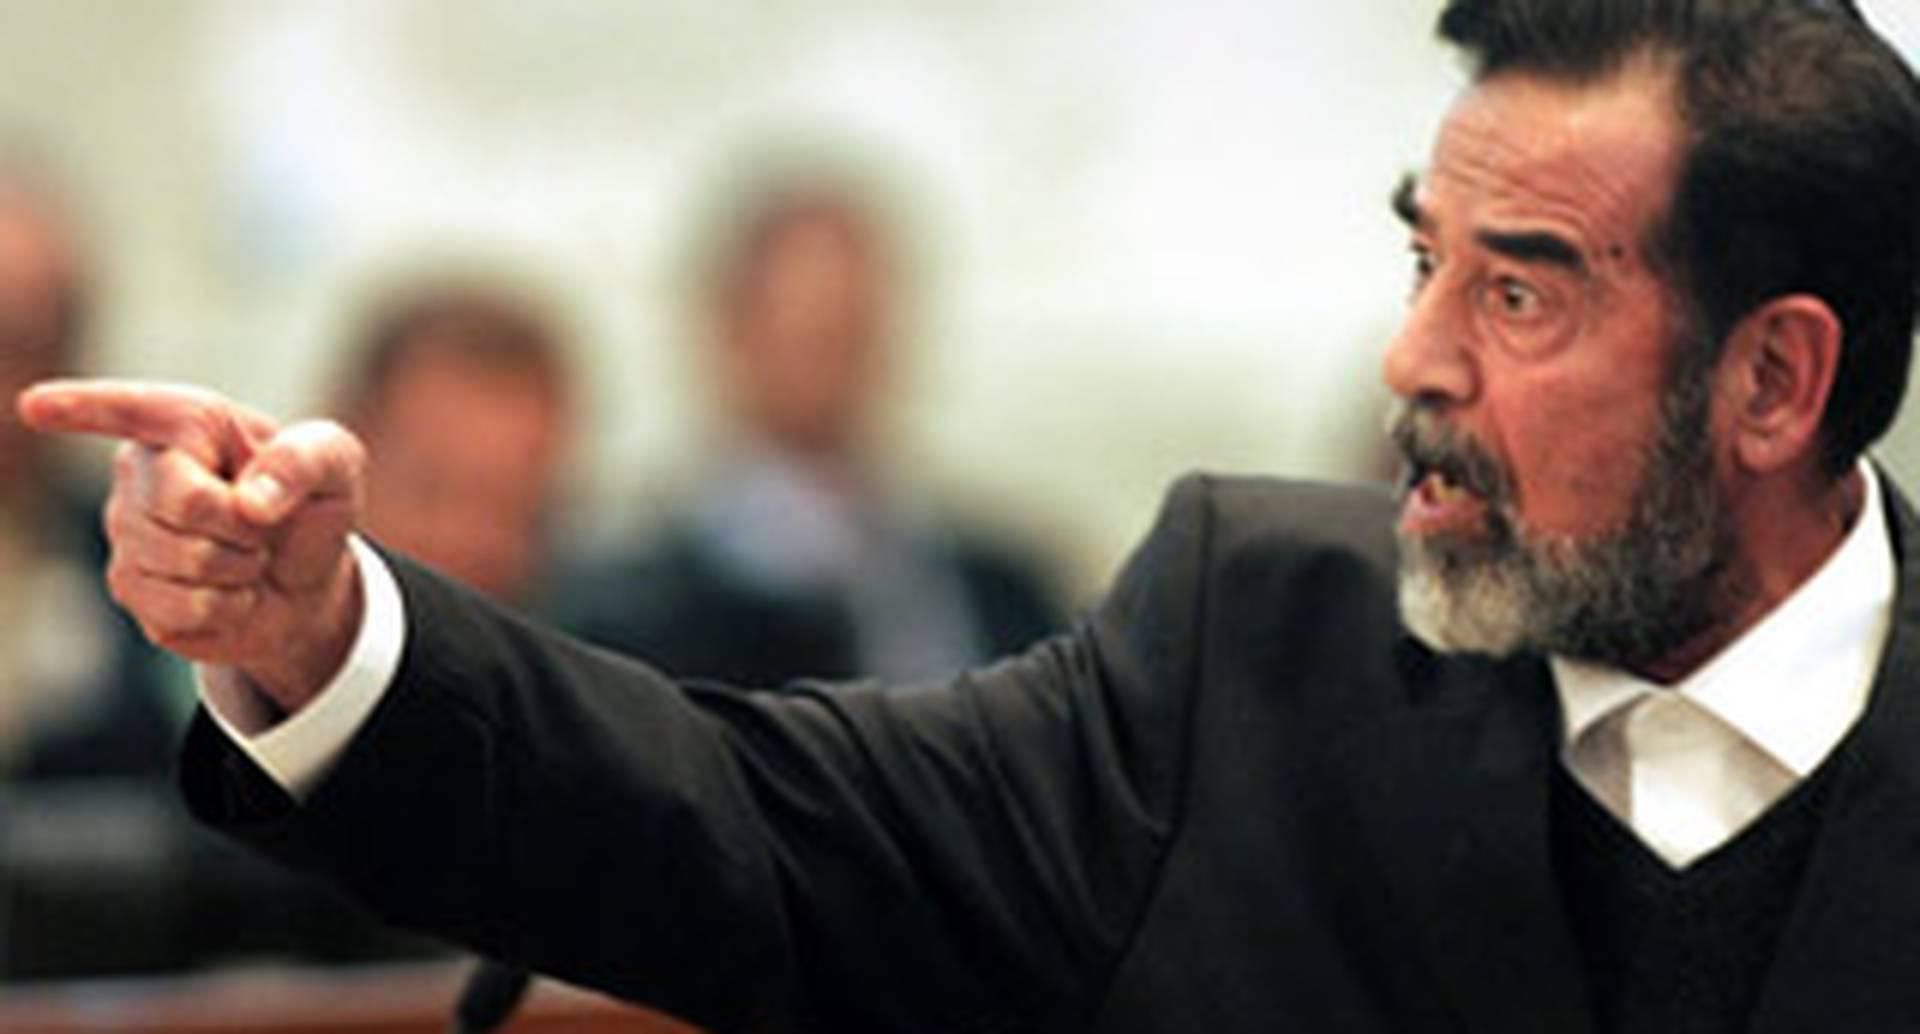 Incluso ante los jueces que lo condenaron Hussein fue un hombre recio que confesó no temerle a la muerte